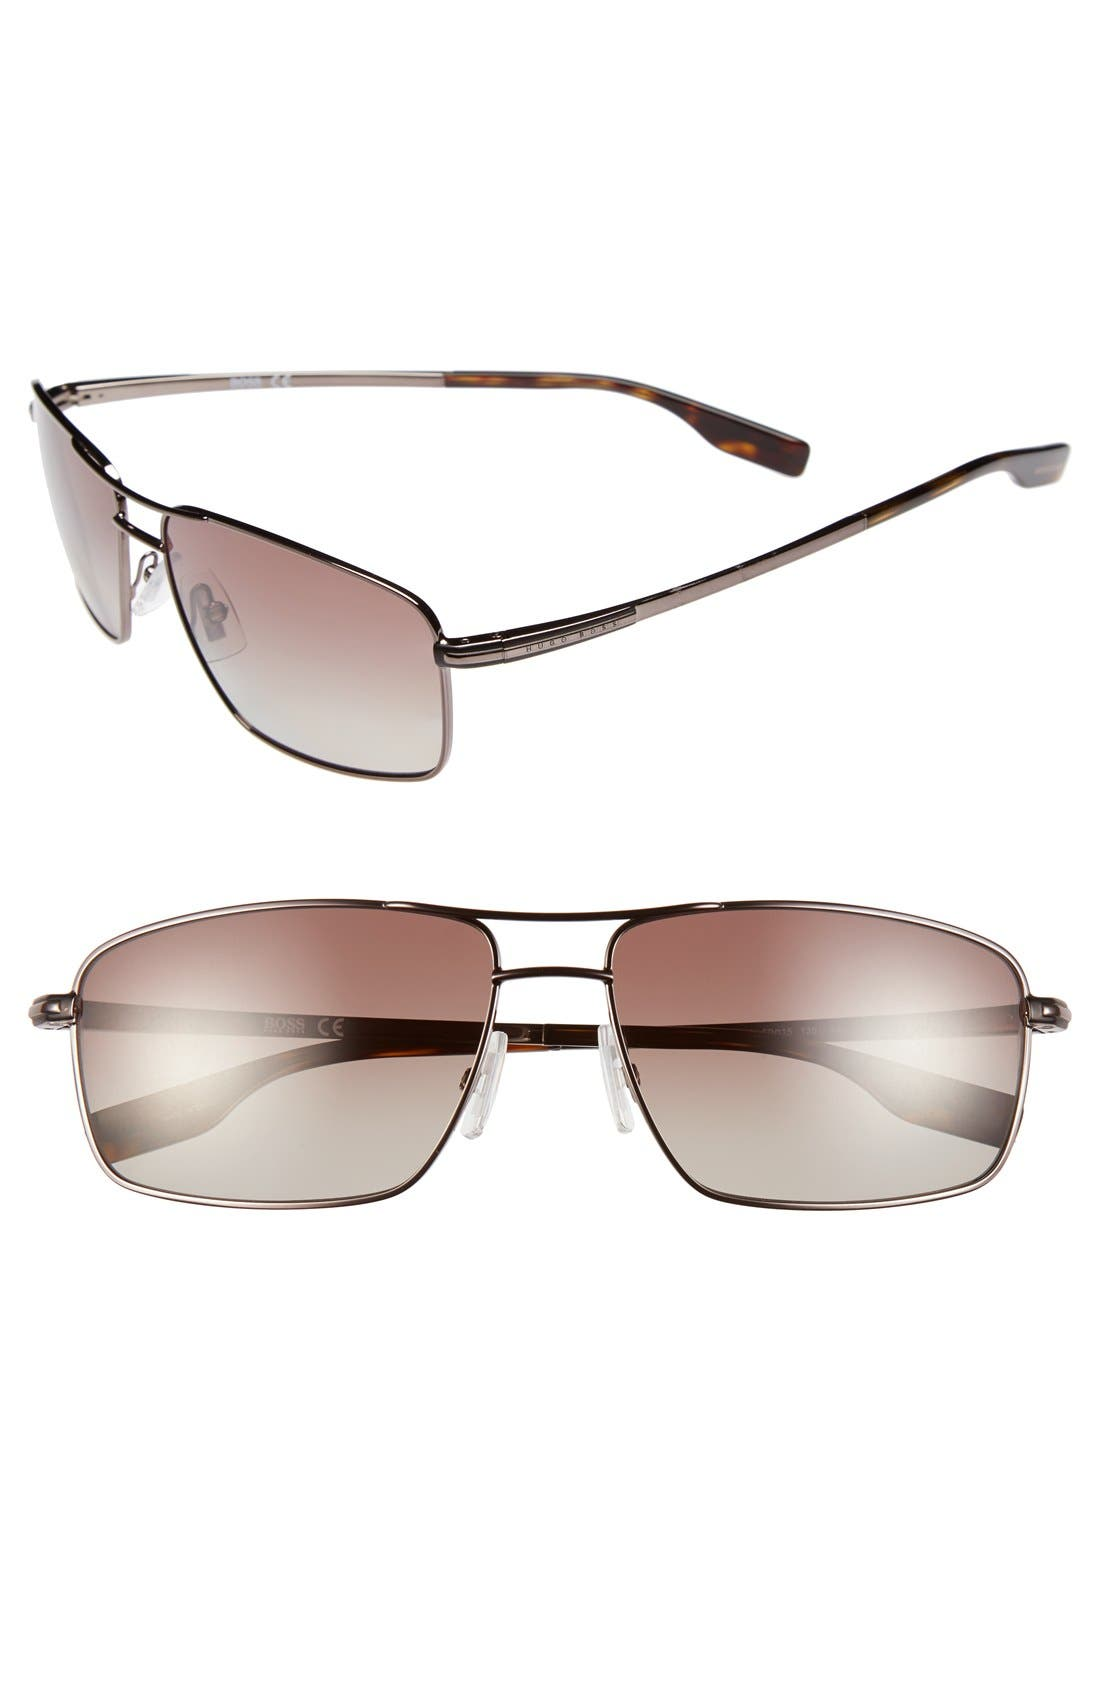 59mm Polarized Navigator Sunglasses,                             Main thumbnail 1, color,